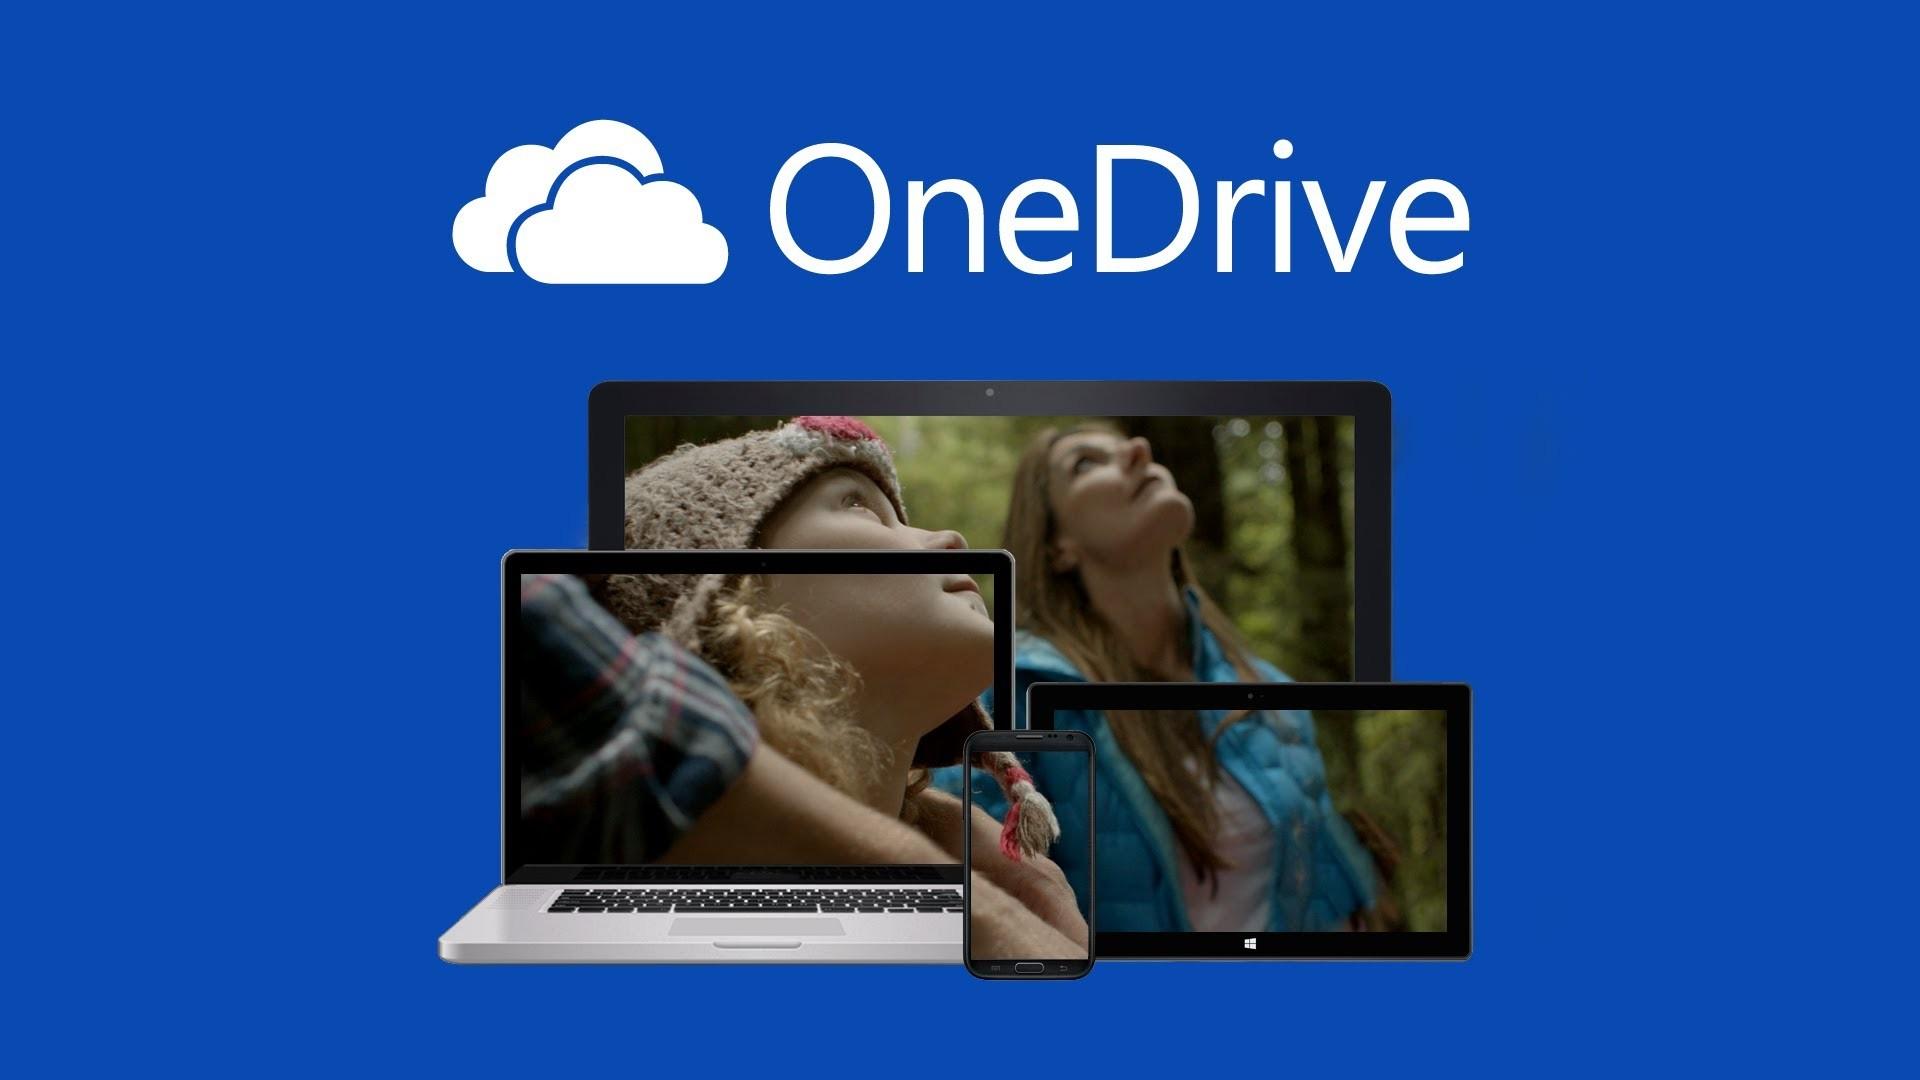 Пользователи OneDrive смогут восстановить удалённые файлы за последние 30 дней